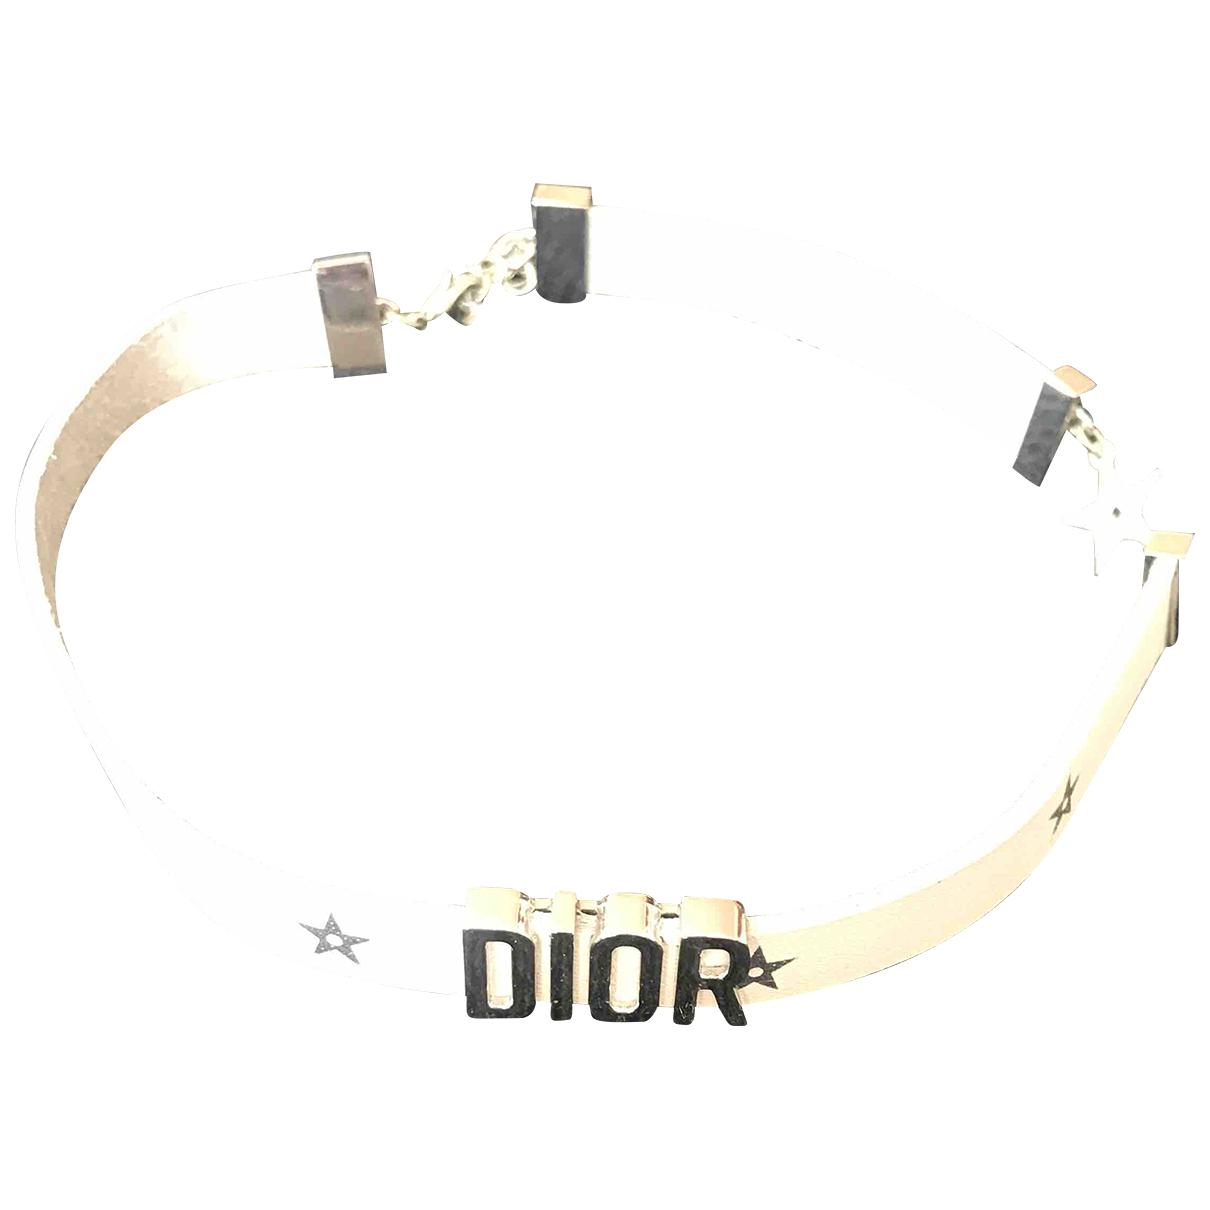 Collar Dio(r)evolution de Cuero Dior